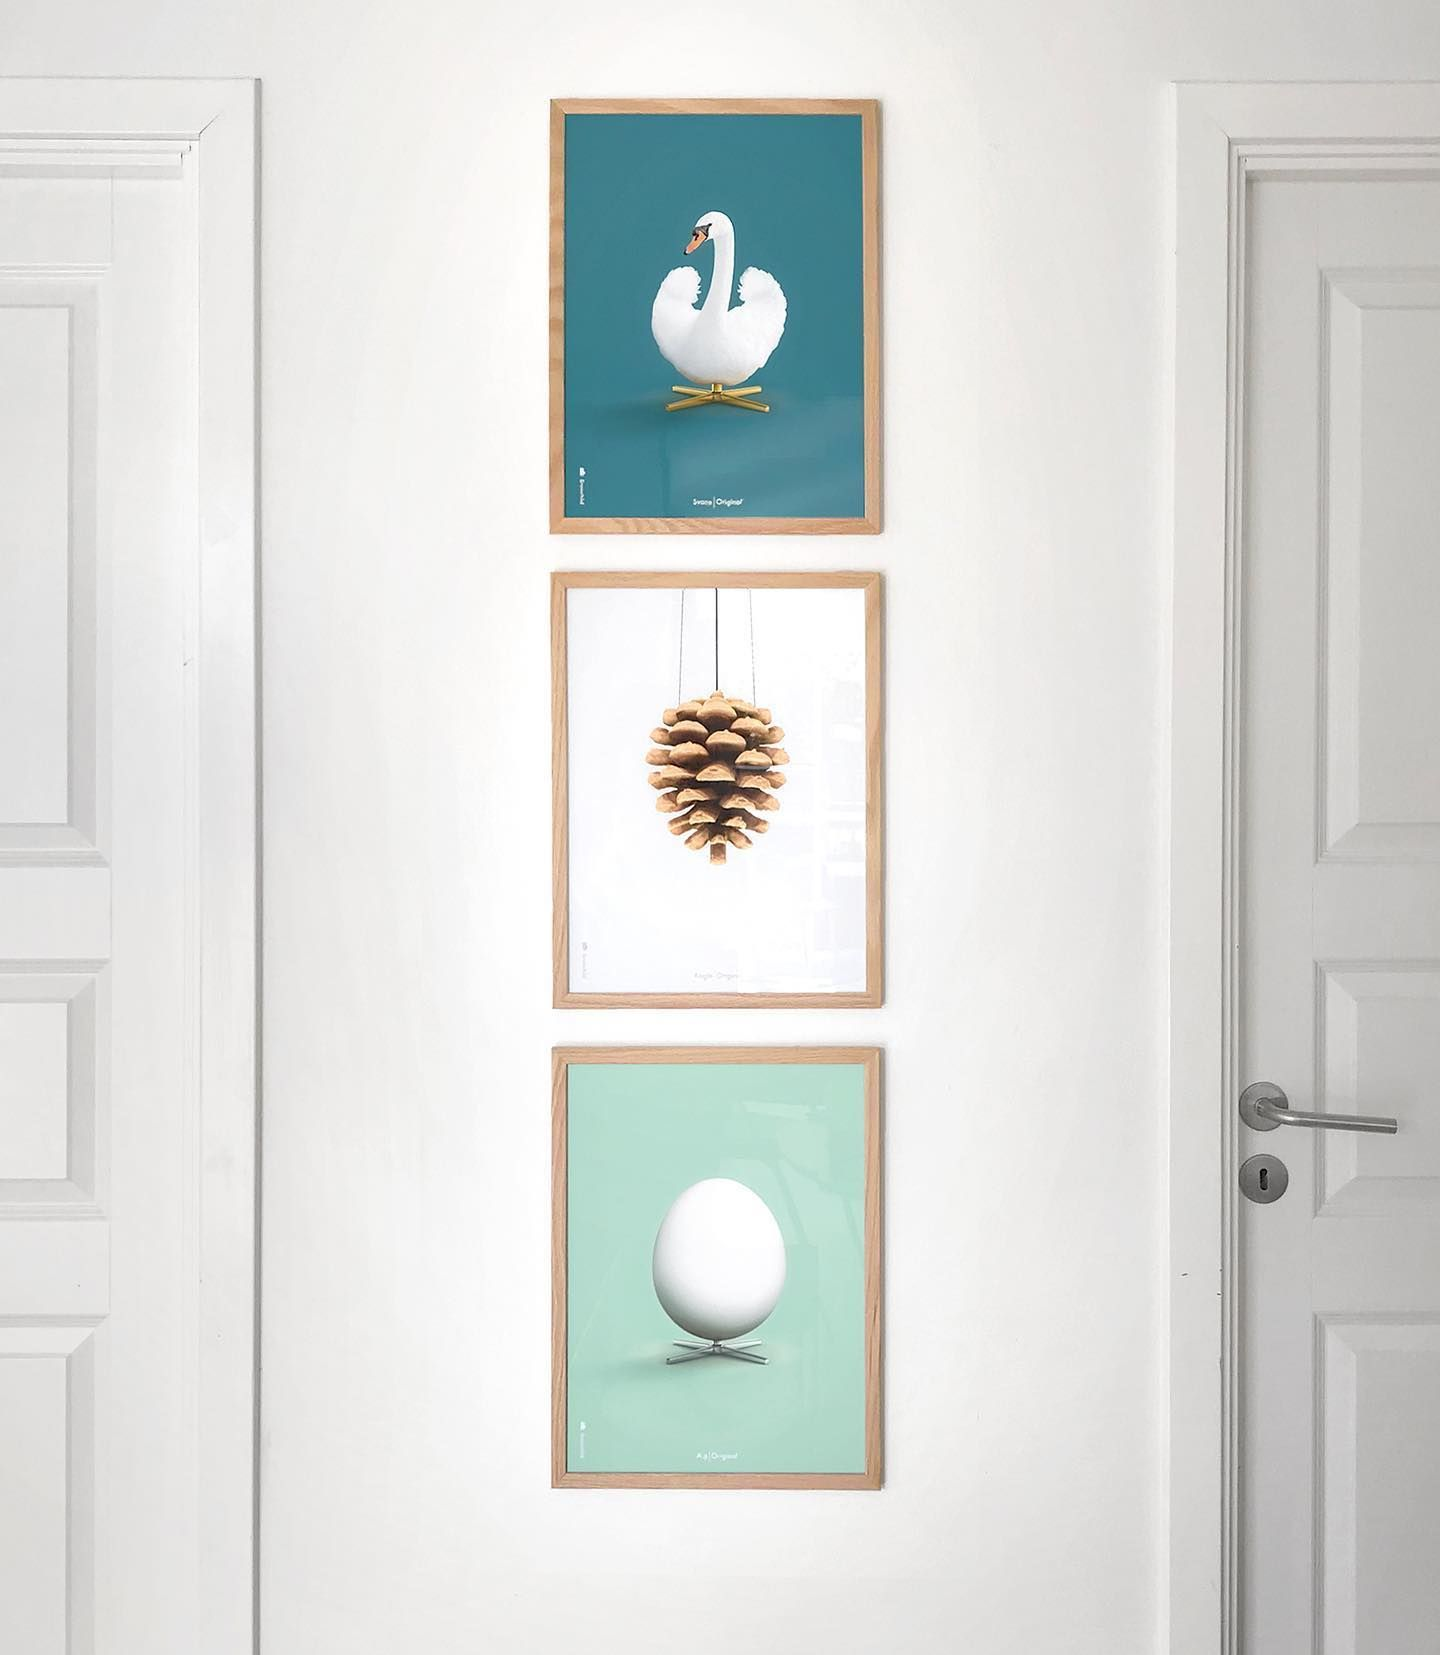 Aegget Koglen Og Svanen I 30x40 Cm Brainchildoriginal Danskemobelklassikere Tilbagetiloriginalen Danishmodern Danskemo In 2020 Home Decor Decor Furniture